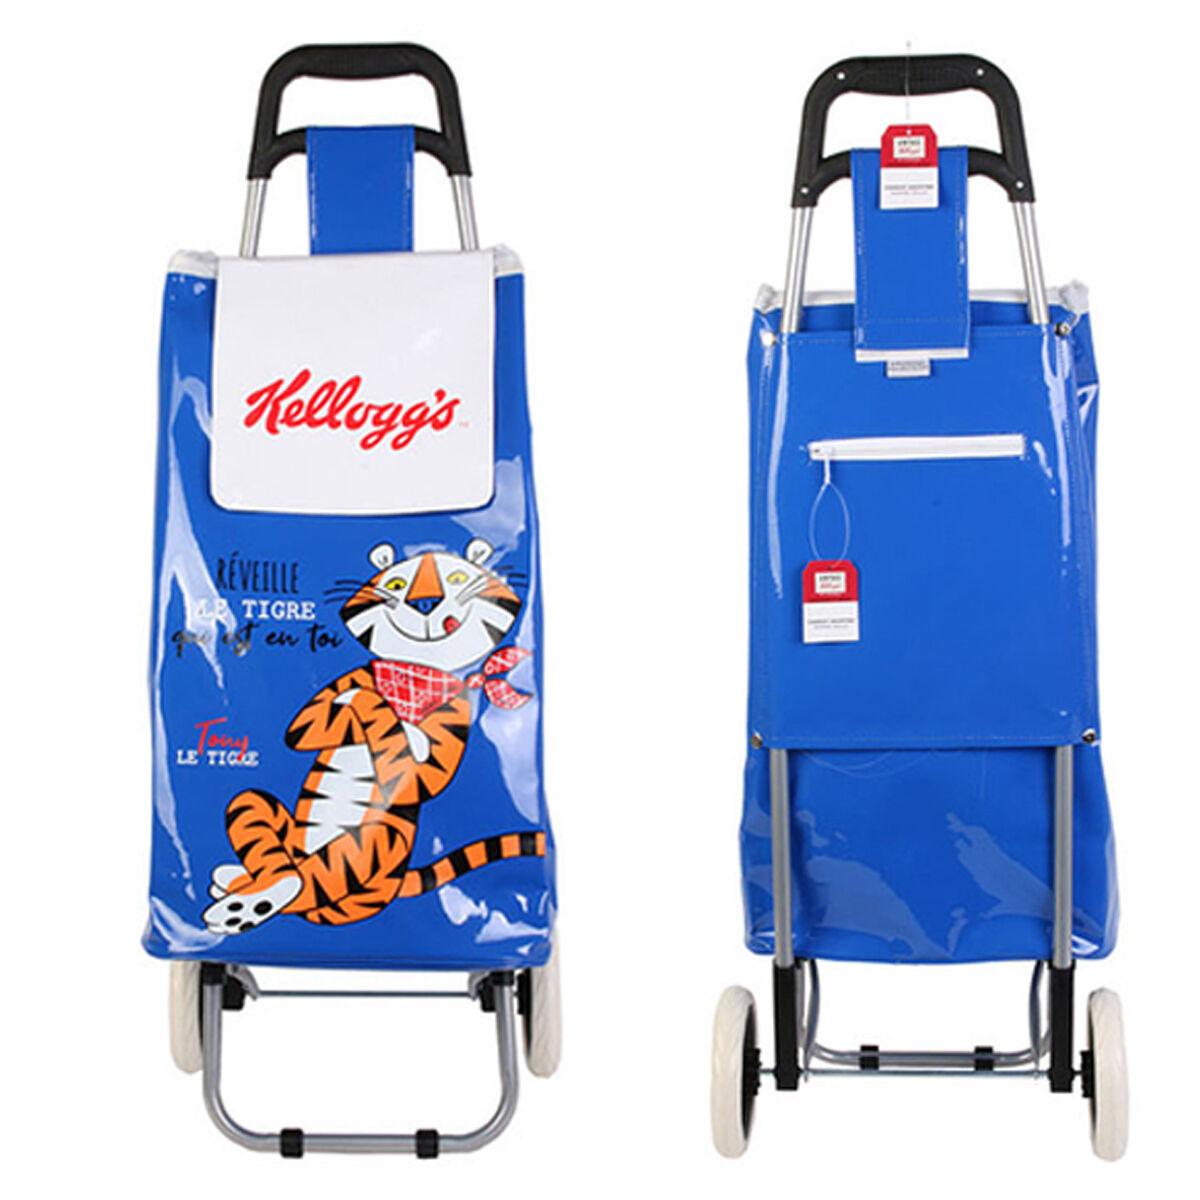 """Kellogg's Caddy de course / Chariot shopping """"Kellogg's"""" bleu - 95x36x31 cm"""